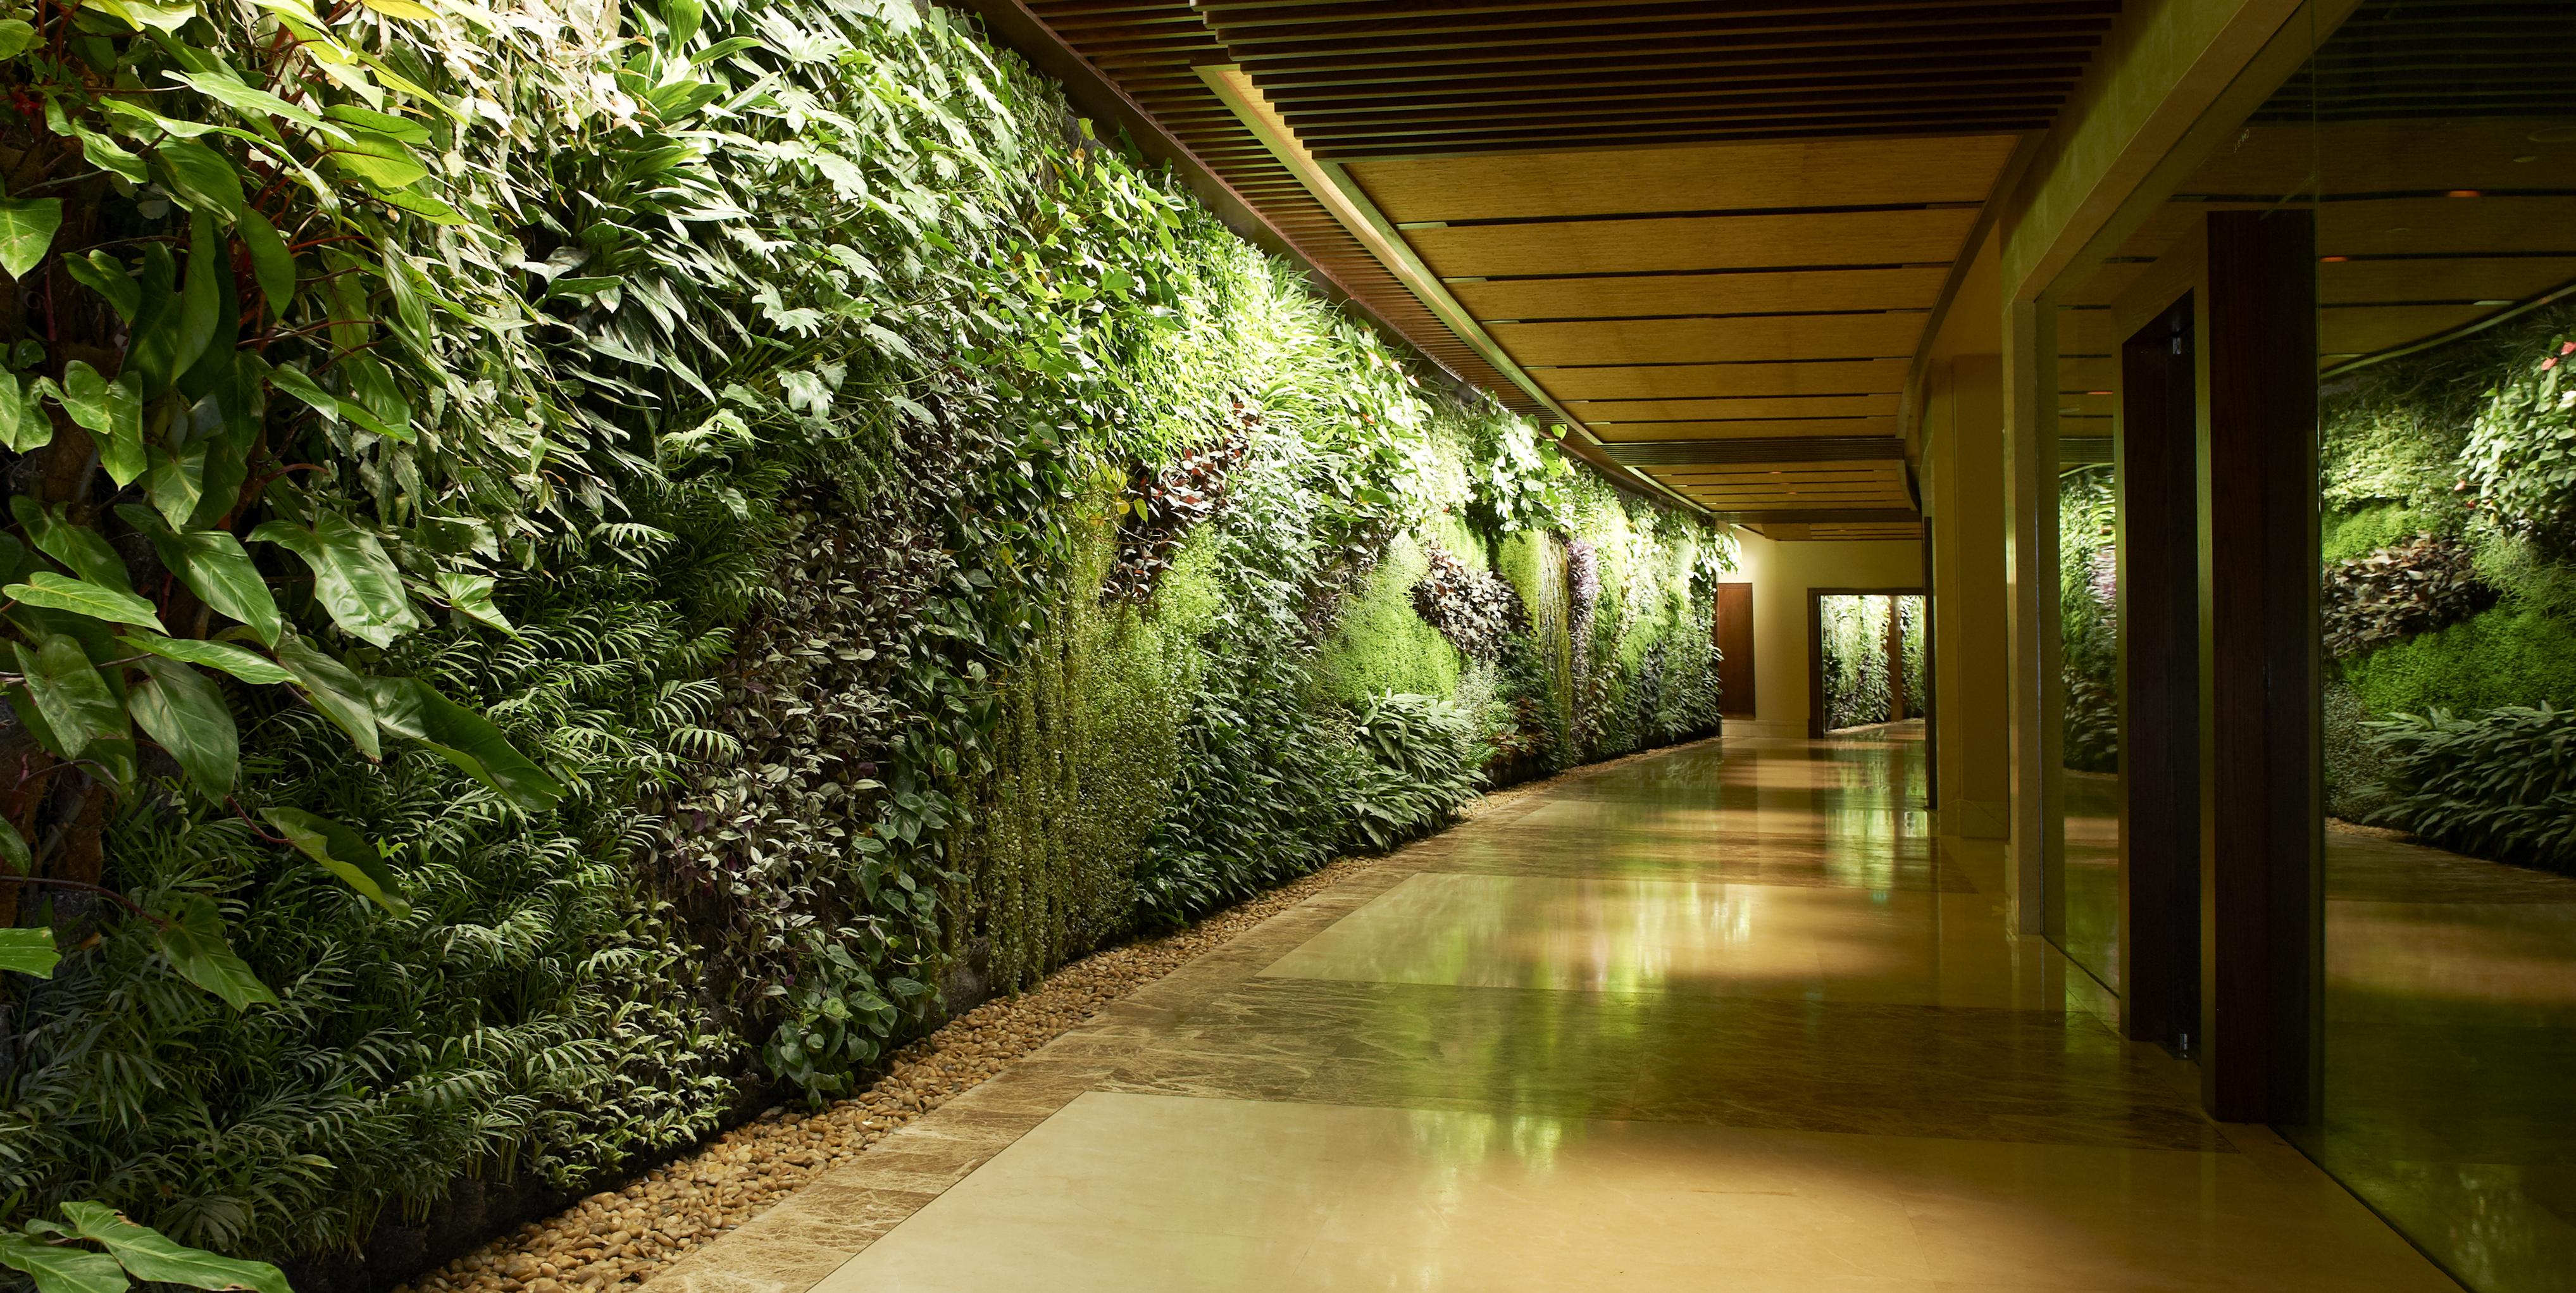 zeleni-zid-vertikalni-vrt-green-centar